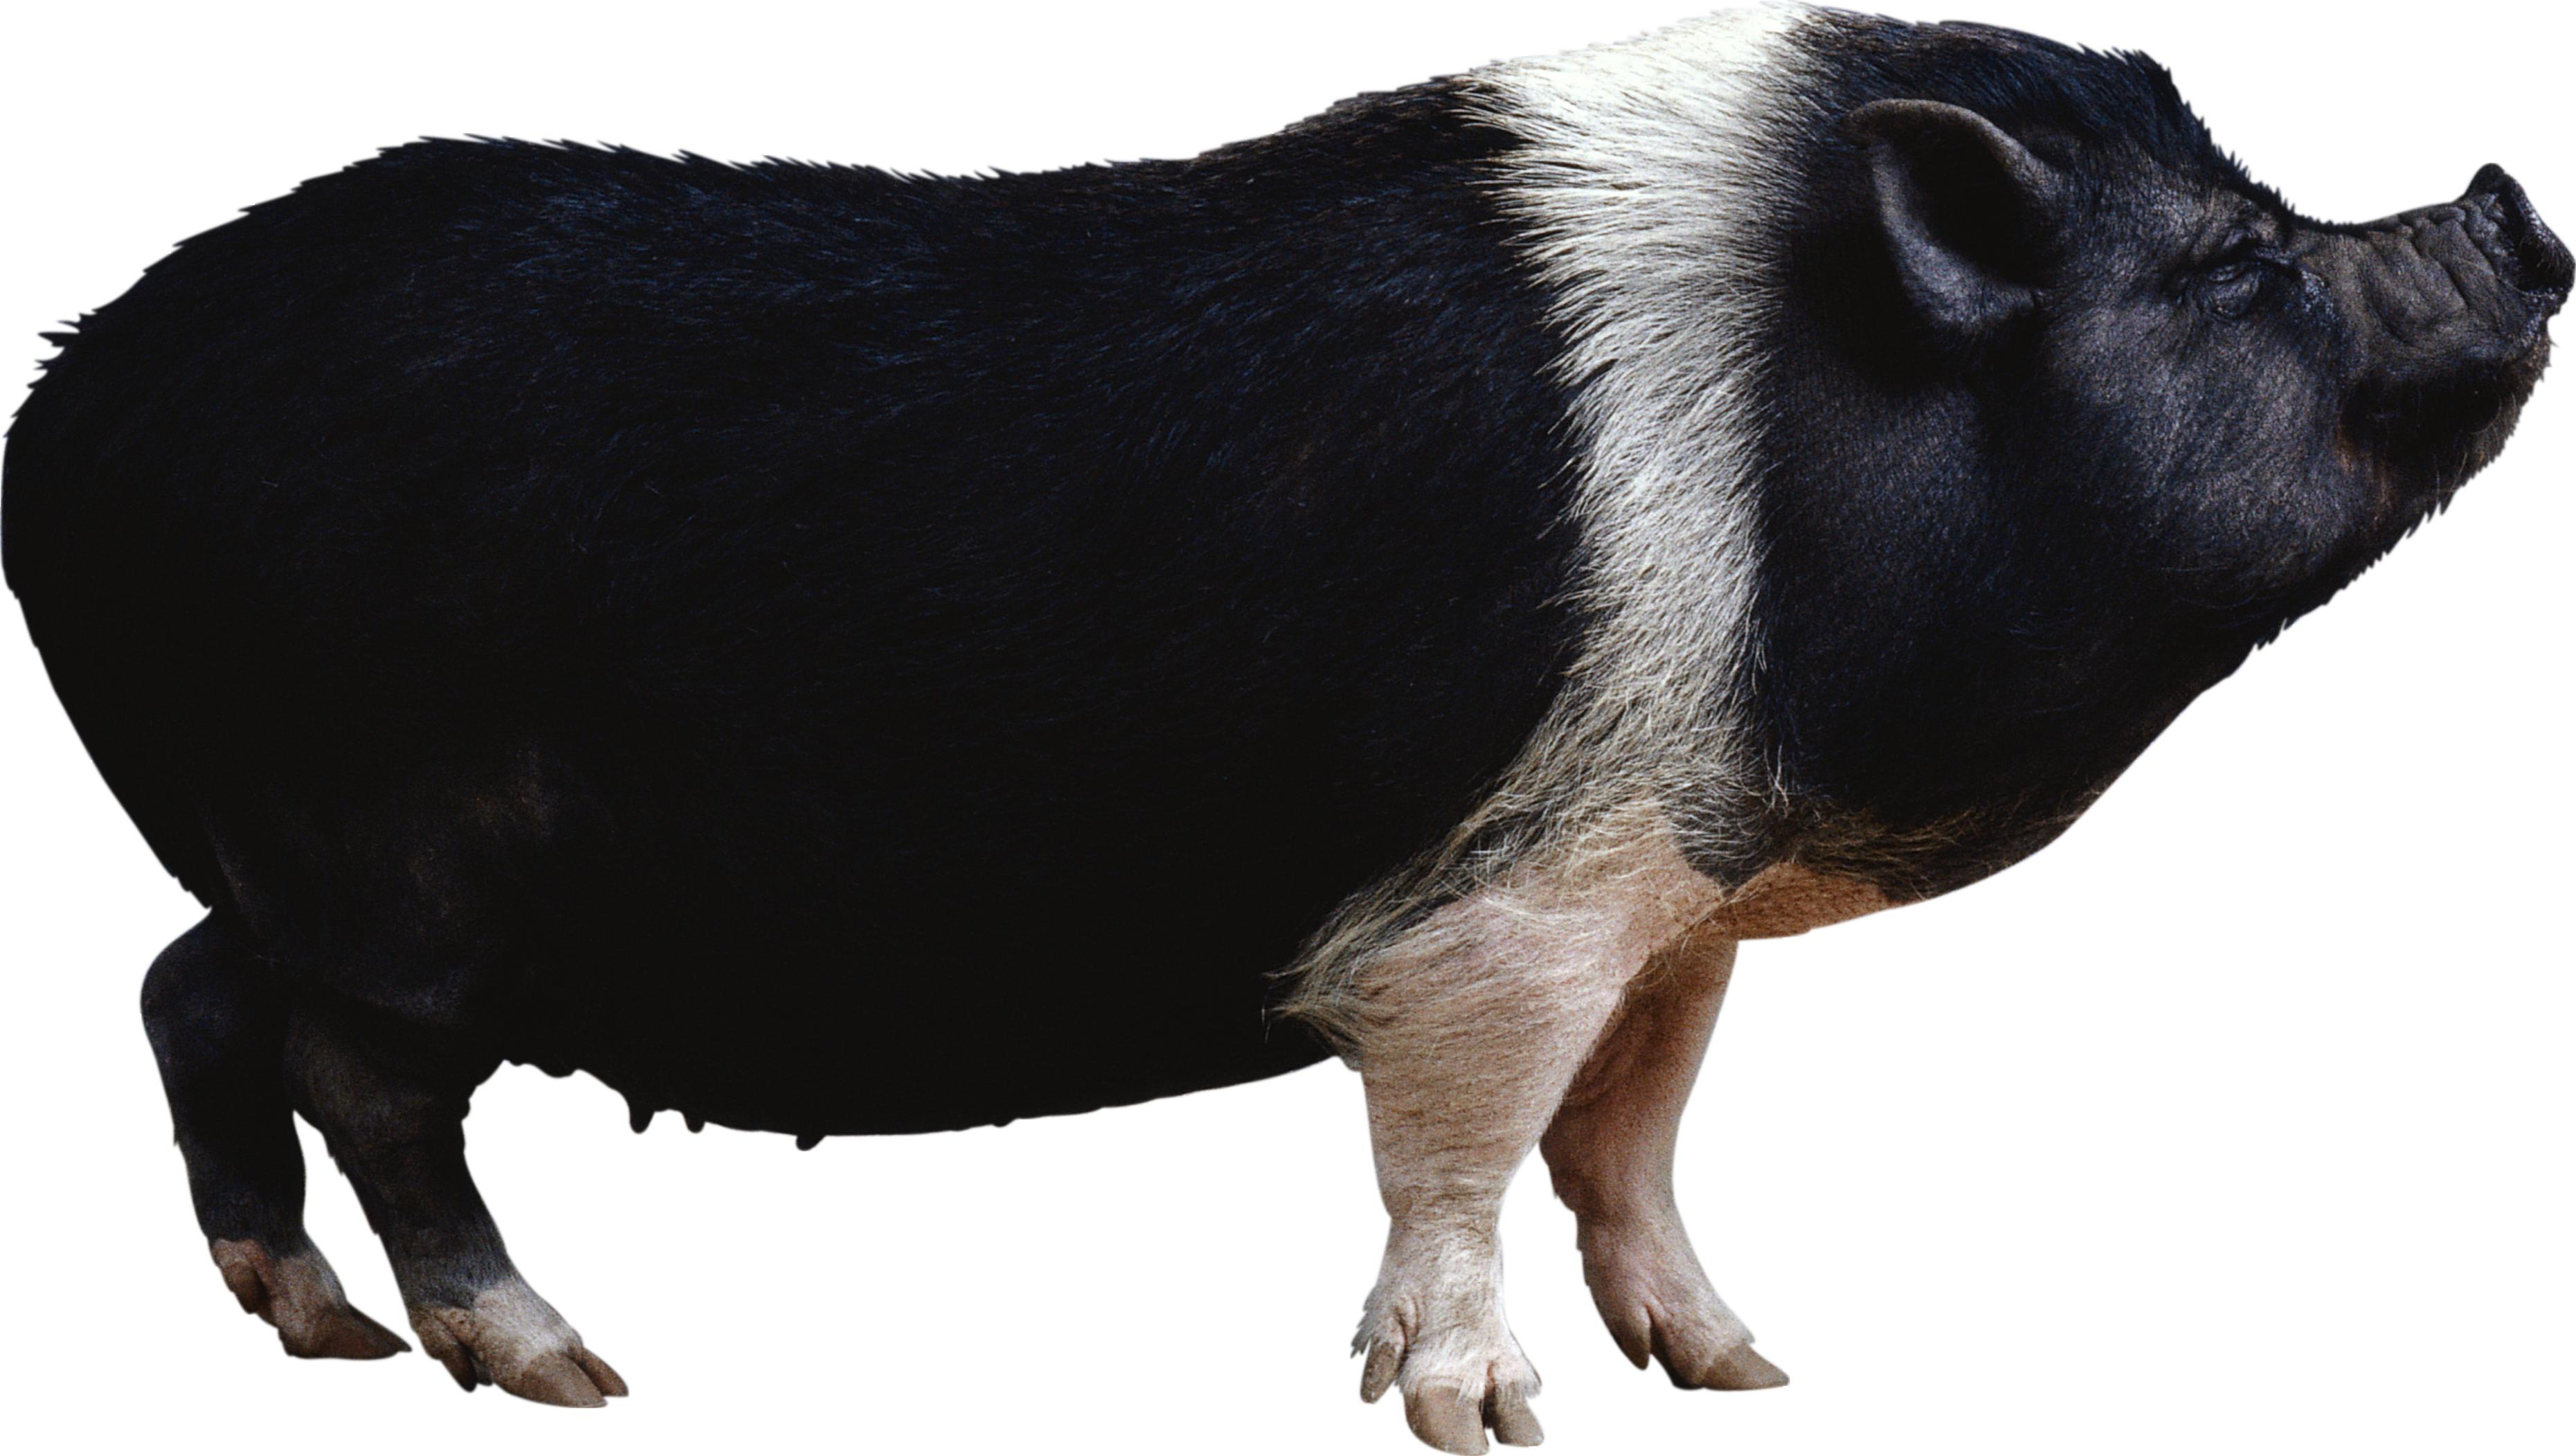 black pig PNG image